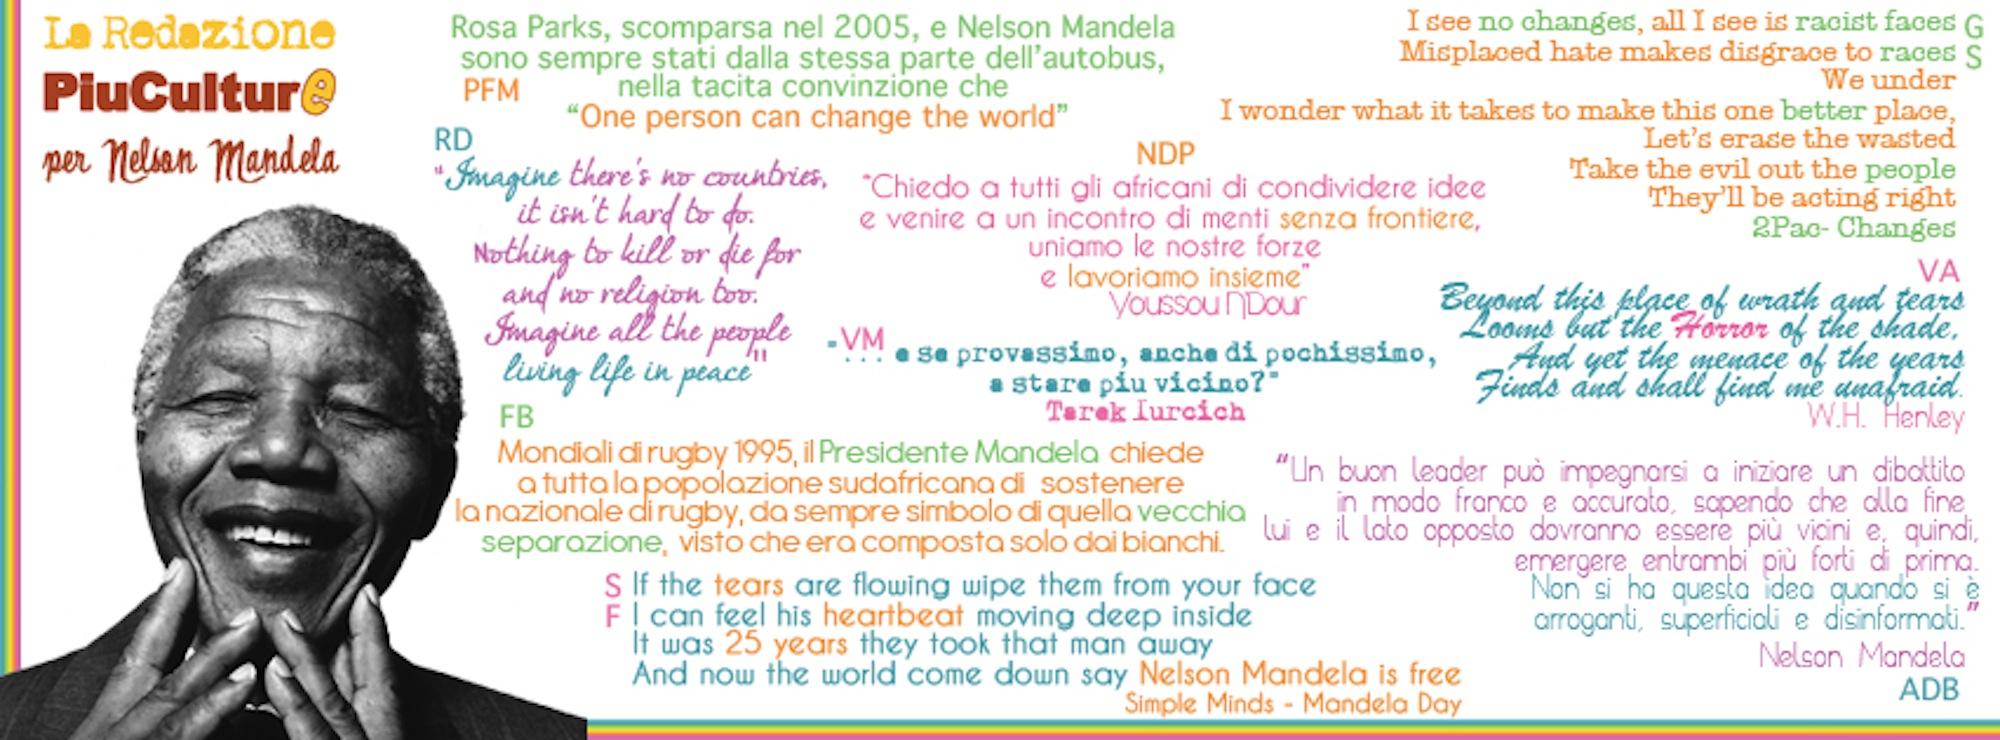 Collage Mandela 2